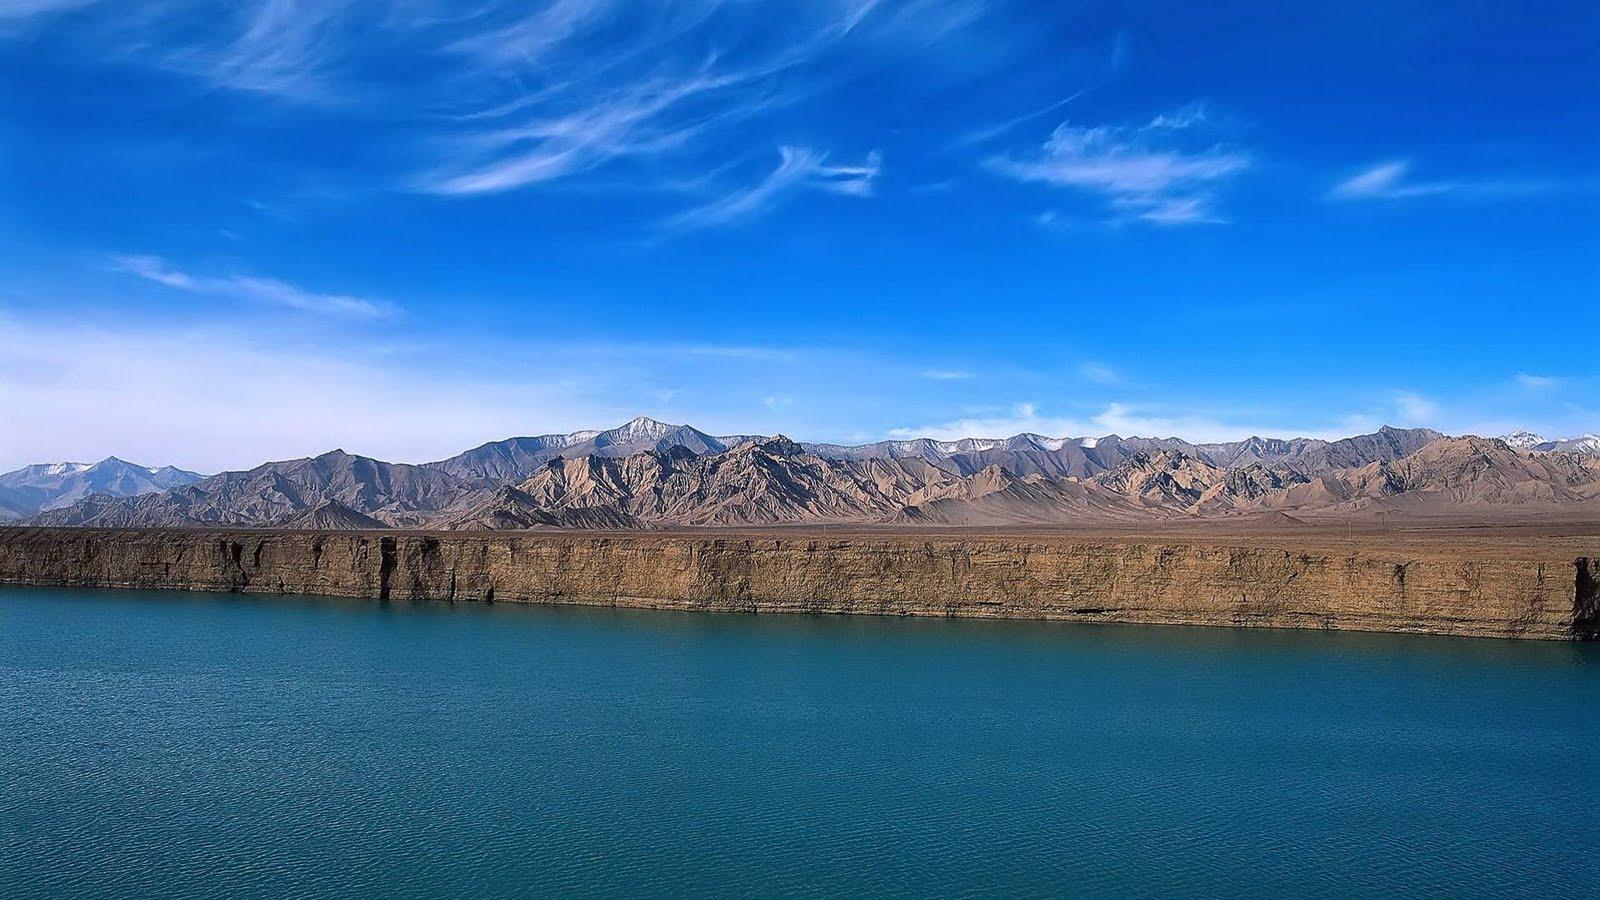 http://1.bp.blogspot.com/_6A8j2EQmANk/TJh-qVXtZ8I/AAAAAAAASIE/Z_pgRYIFqf8/s1600/Beautiful+Ever+Landscape+Wallpapers+2.jpg